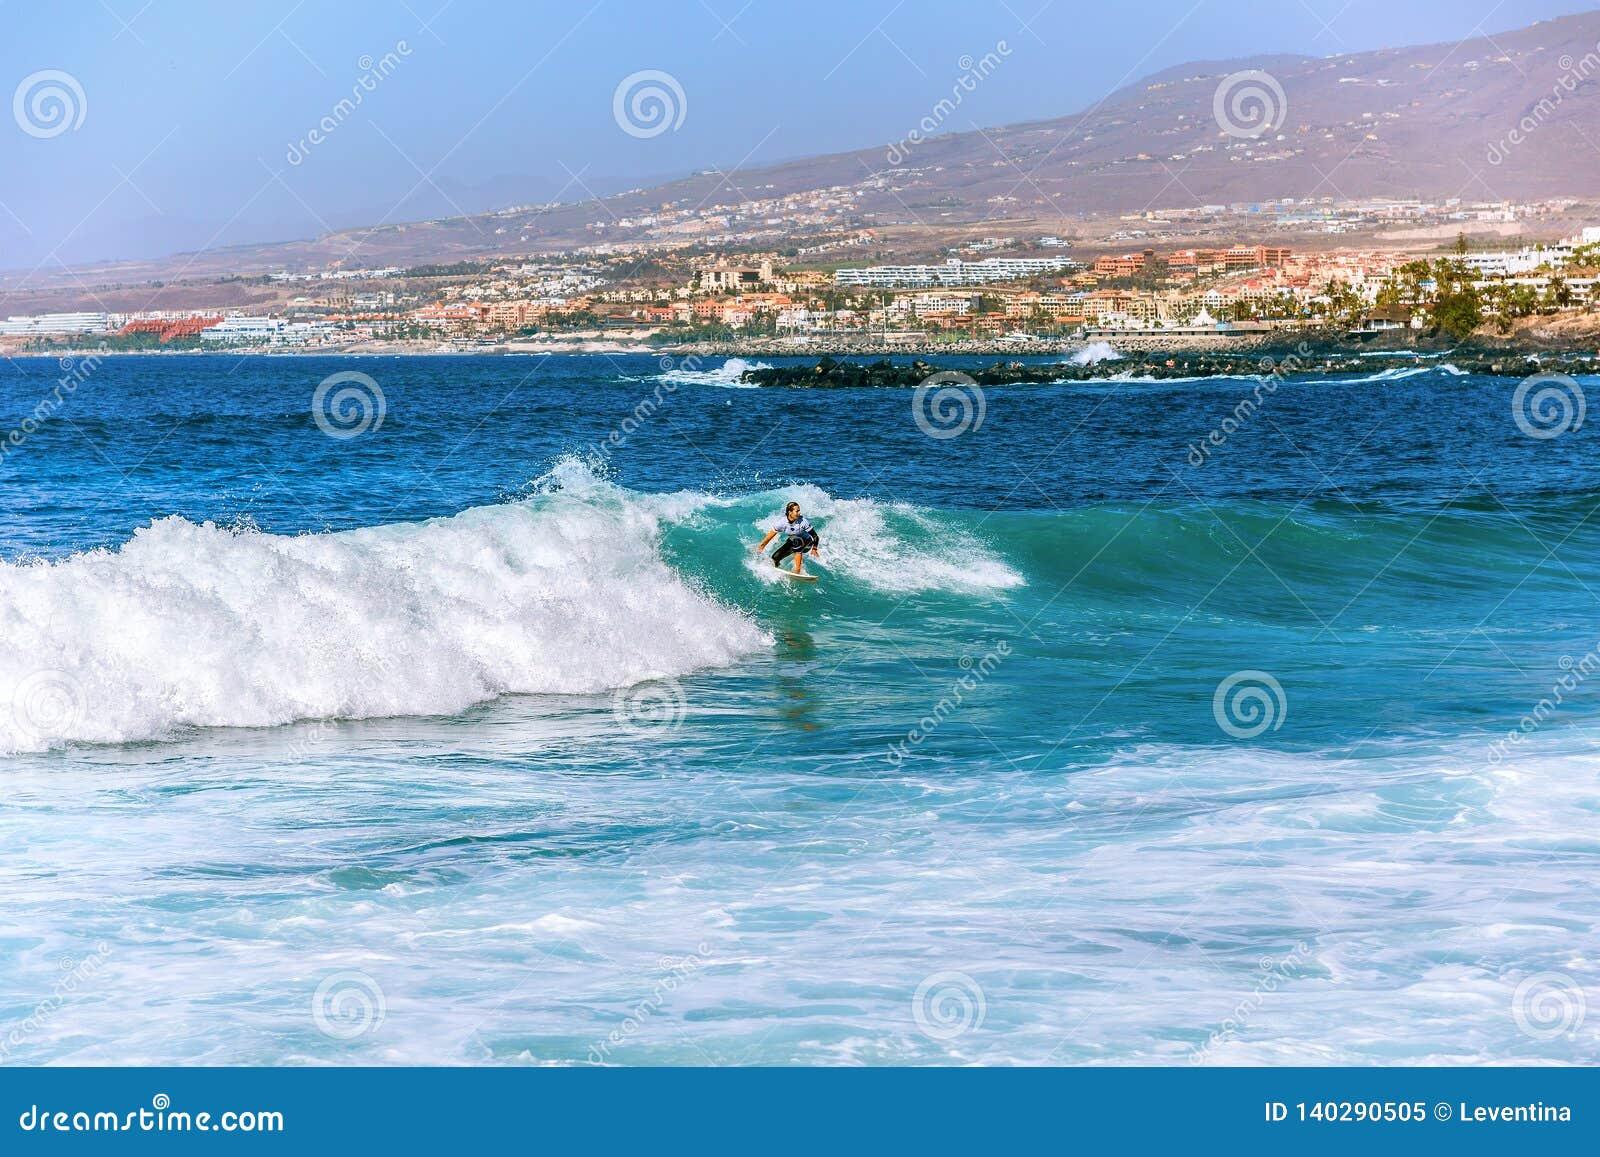 Surfermädchen in Costa Adeje auf Teneriffa